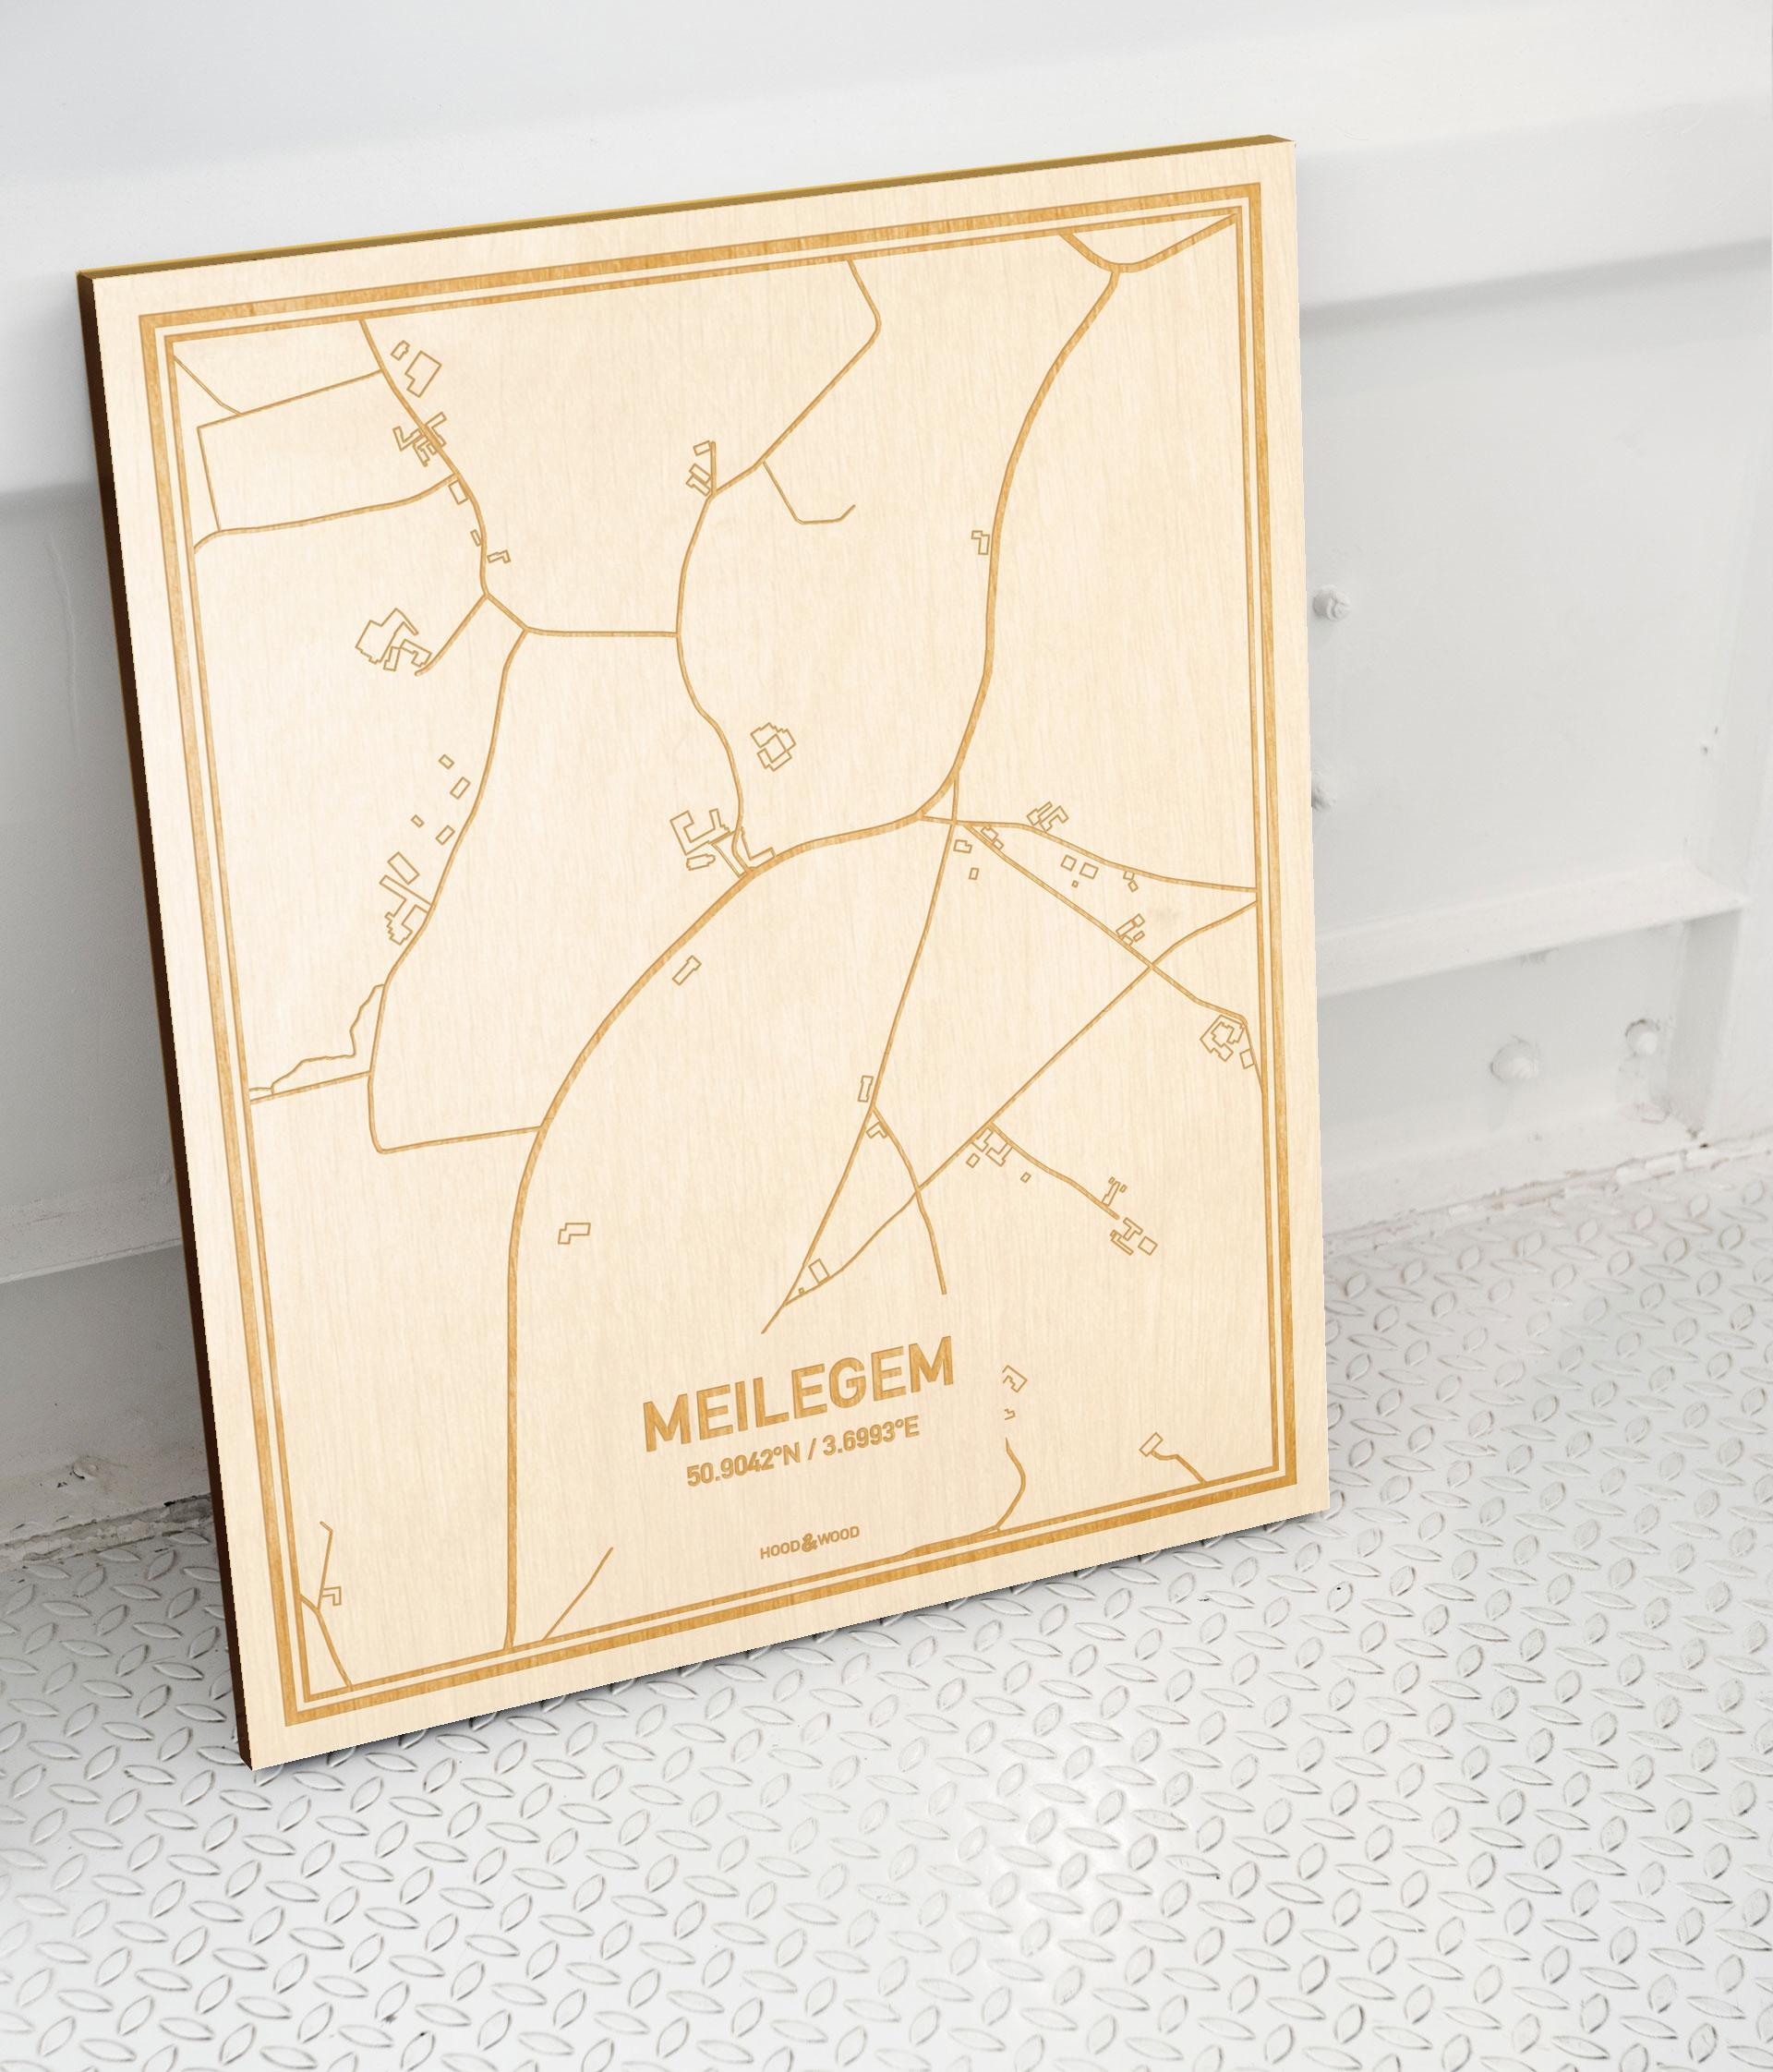 Plattegrond Meilegem als prachtige houten wanddecoratie. Het warme hout contrasteert mooi met de witte muur.